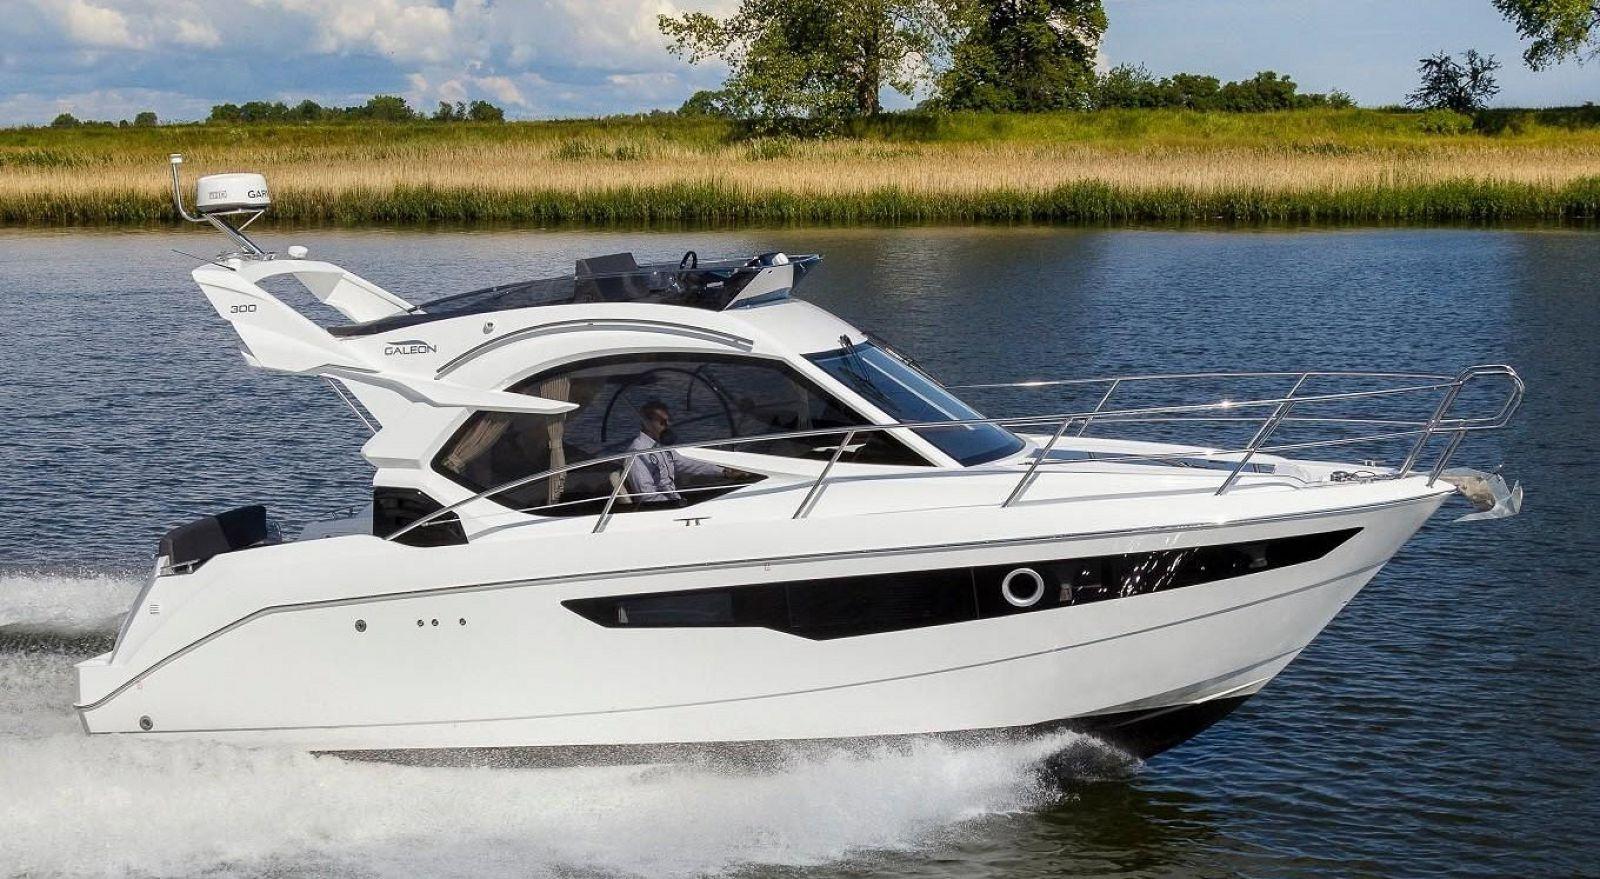 galeon yachts 300